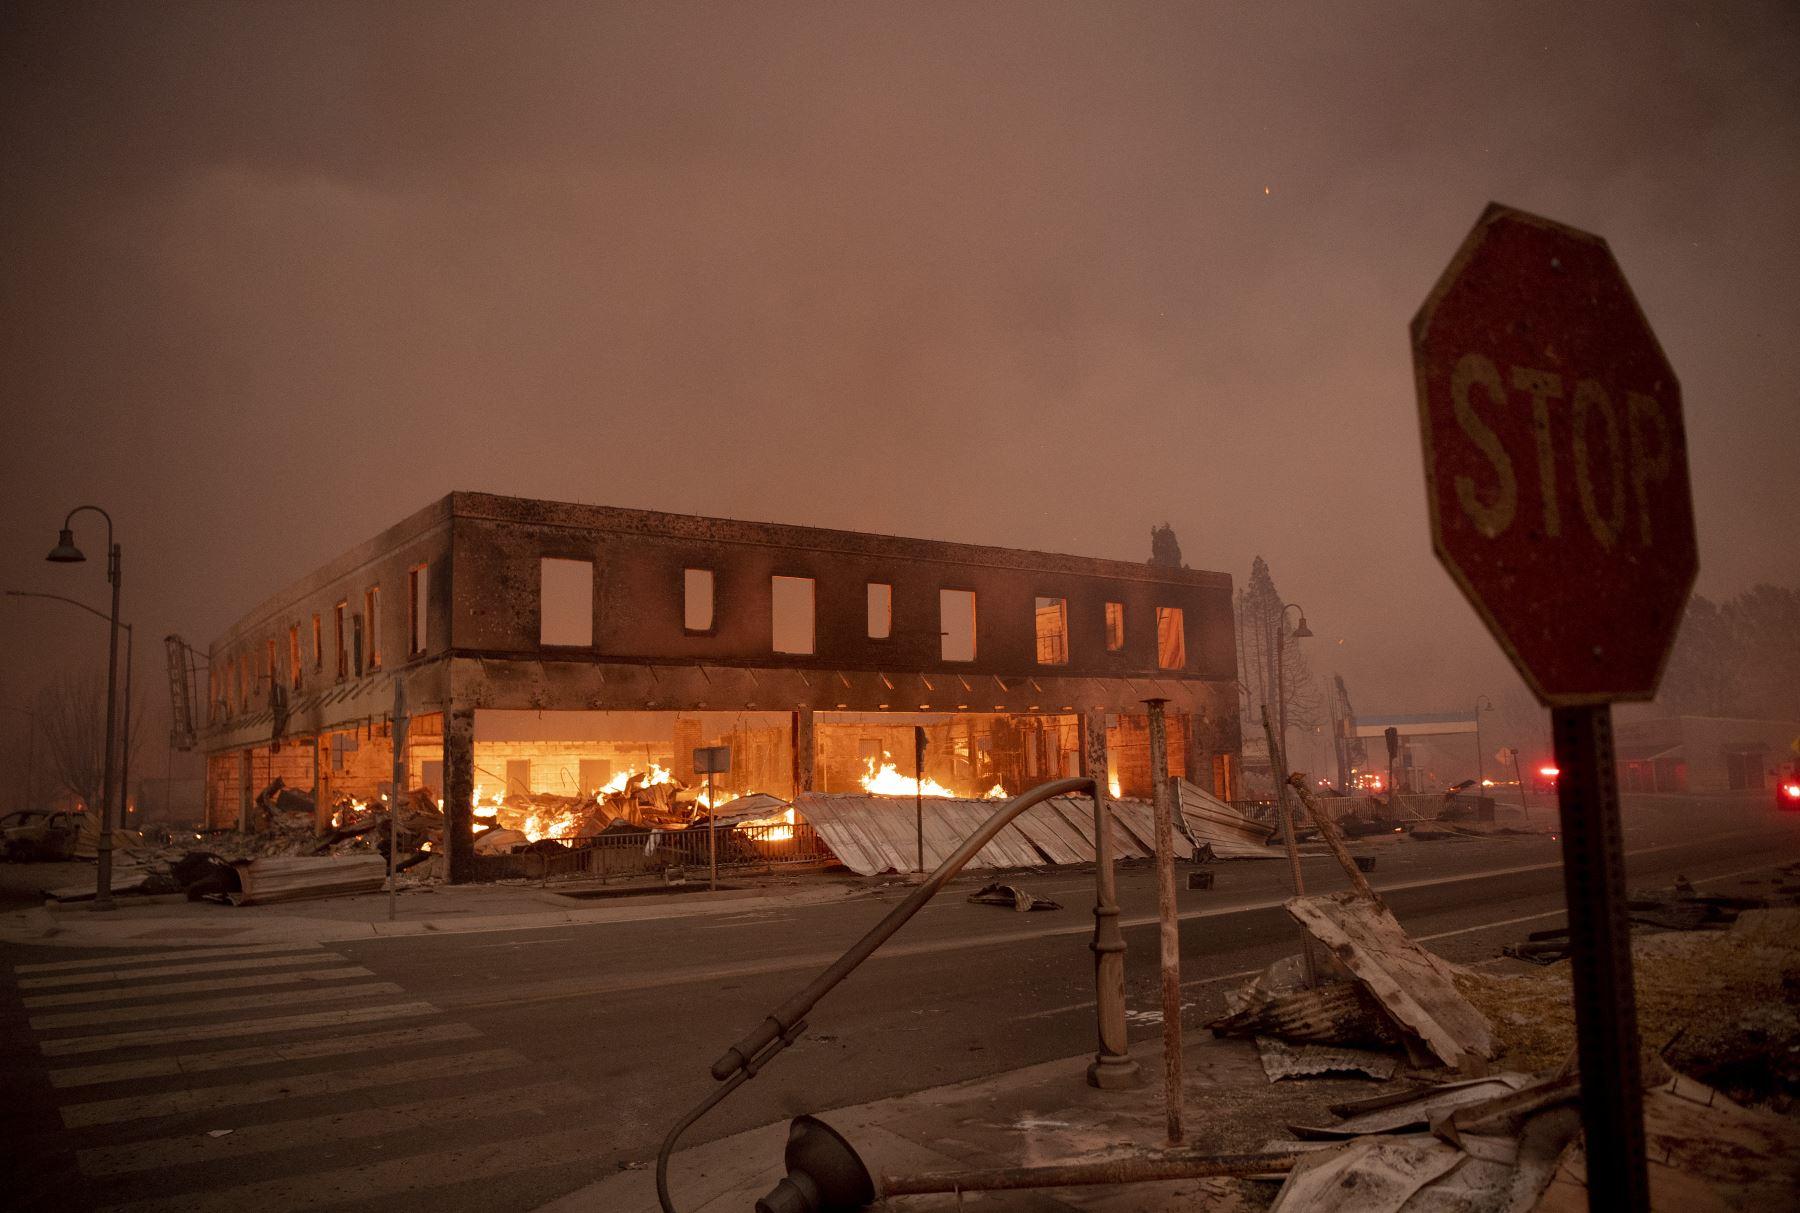 Los edificios arden mientras el Dixifire arrasa el centro de Greenville, California, el 4 de agosto de 2021. El incendio de Dixie arrasó decenas de hogares y negocios en el centro de Greenville. Foto: AFP